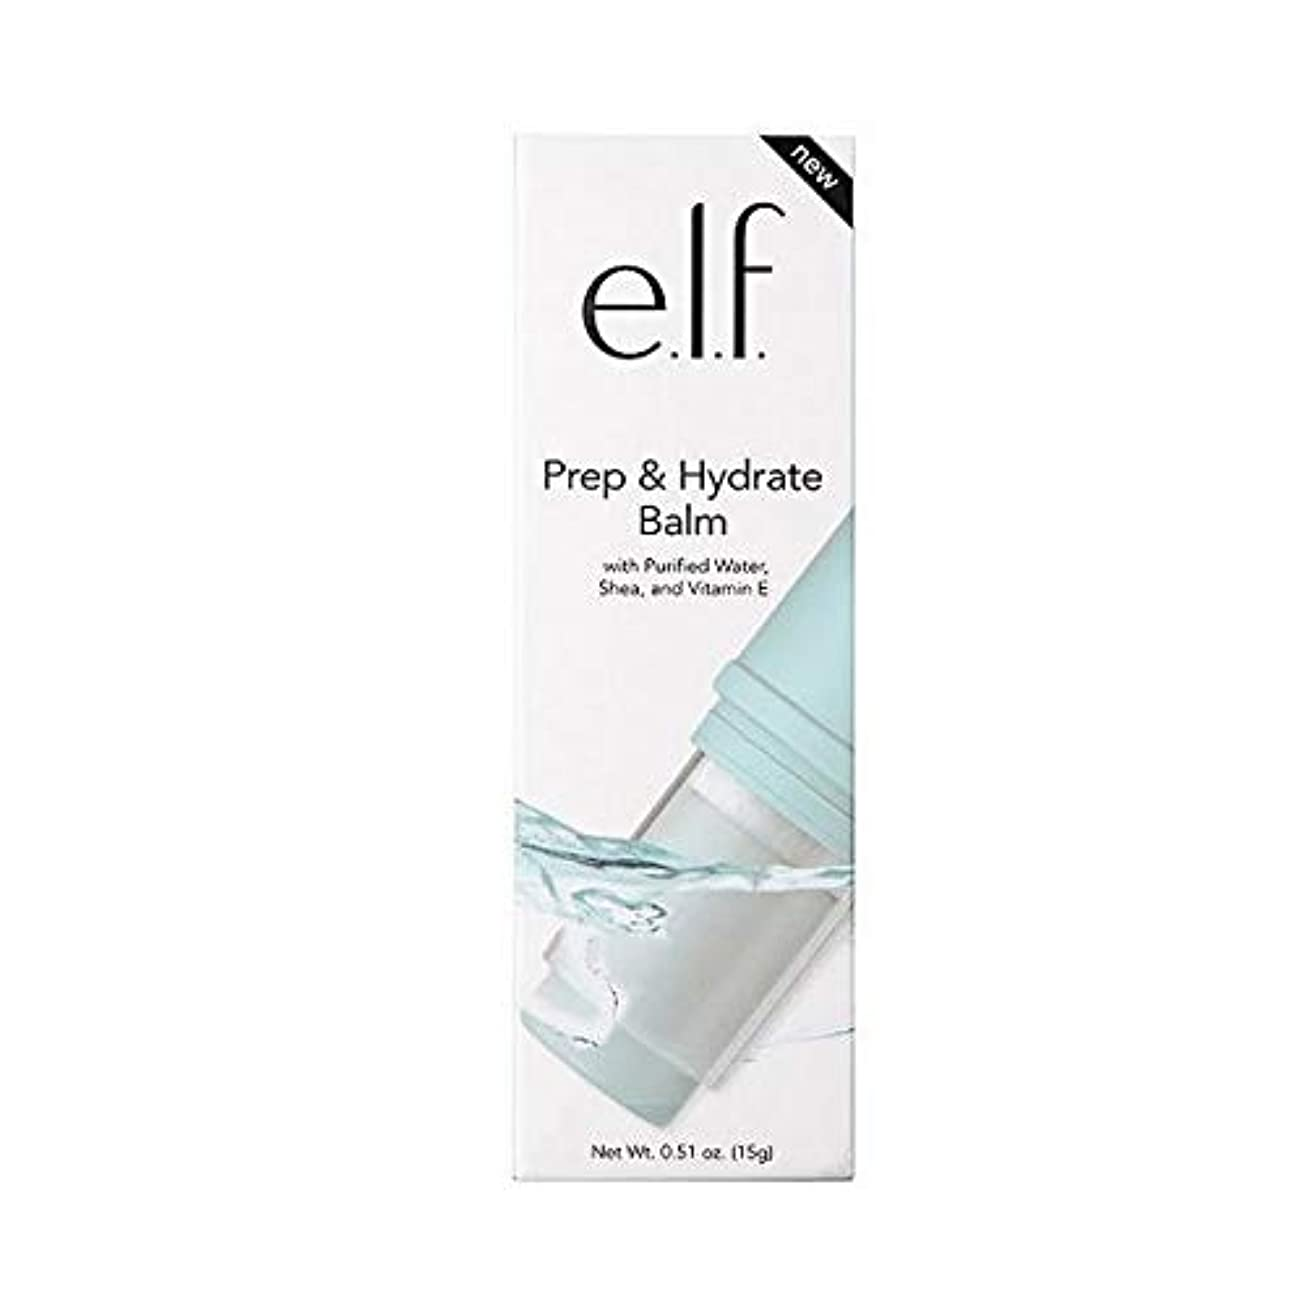 鬼ごっこ価格関与する[Elf ] エルフ。予備校&ハイドレートクリーム - e.l.f. Prep & Hydrate Balm [並行輸入品]